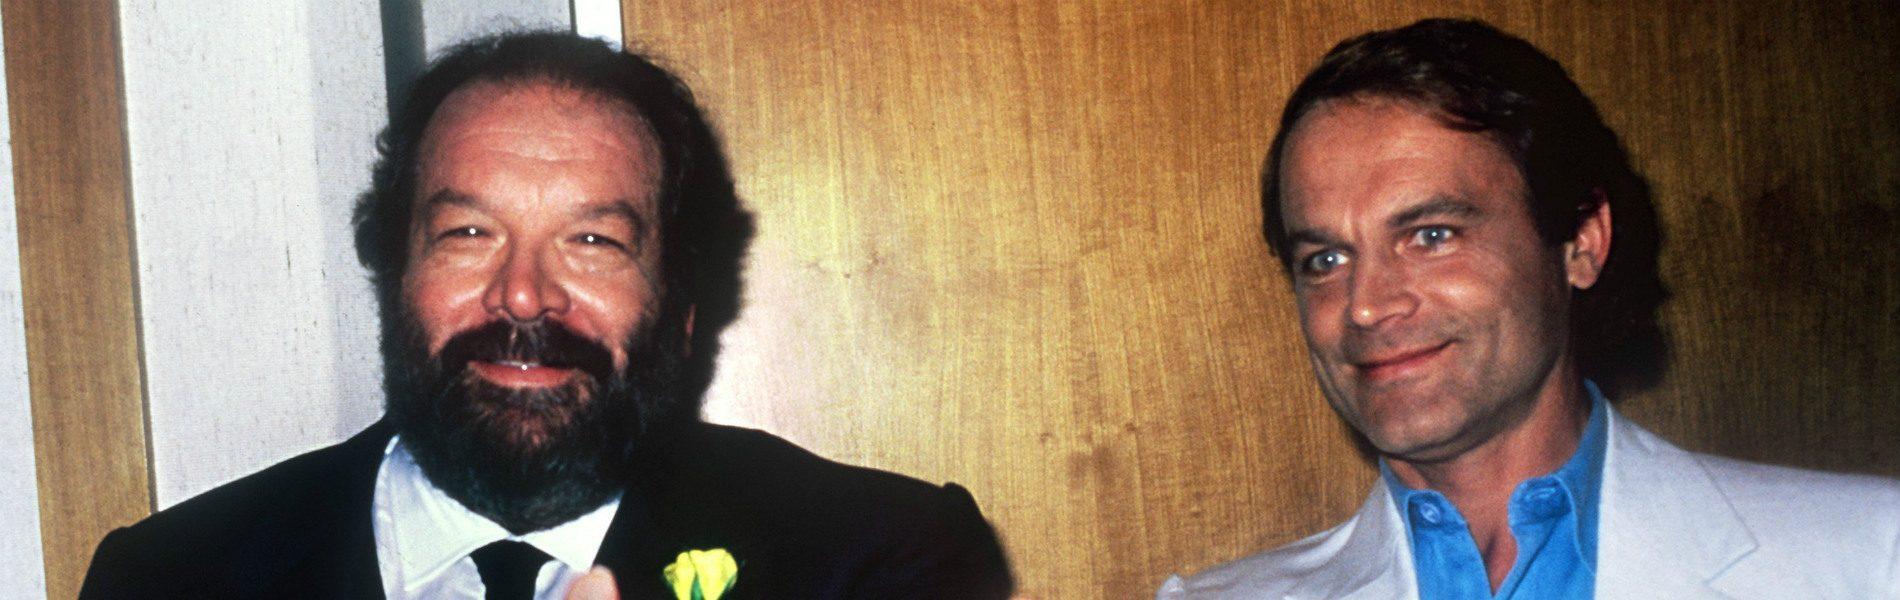 Terence Hill filmet készít Bud Spencer emlékére!